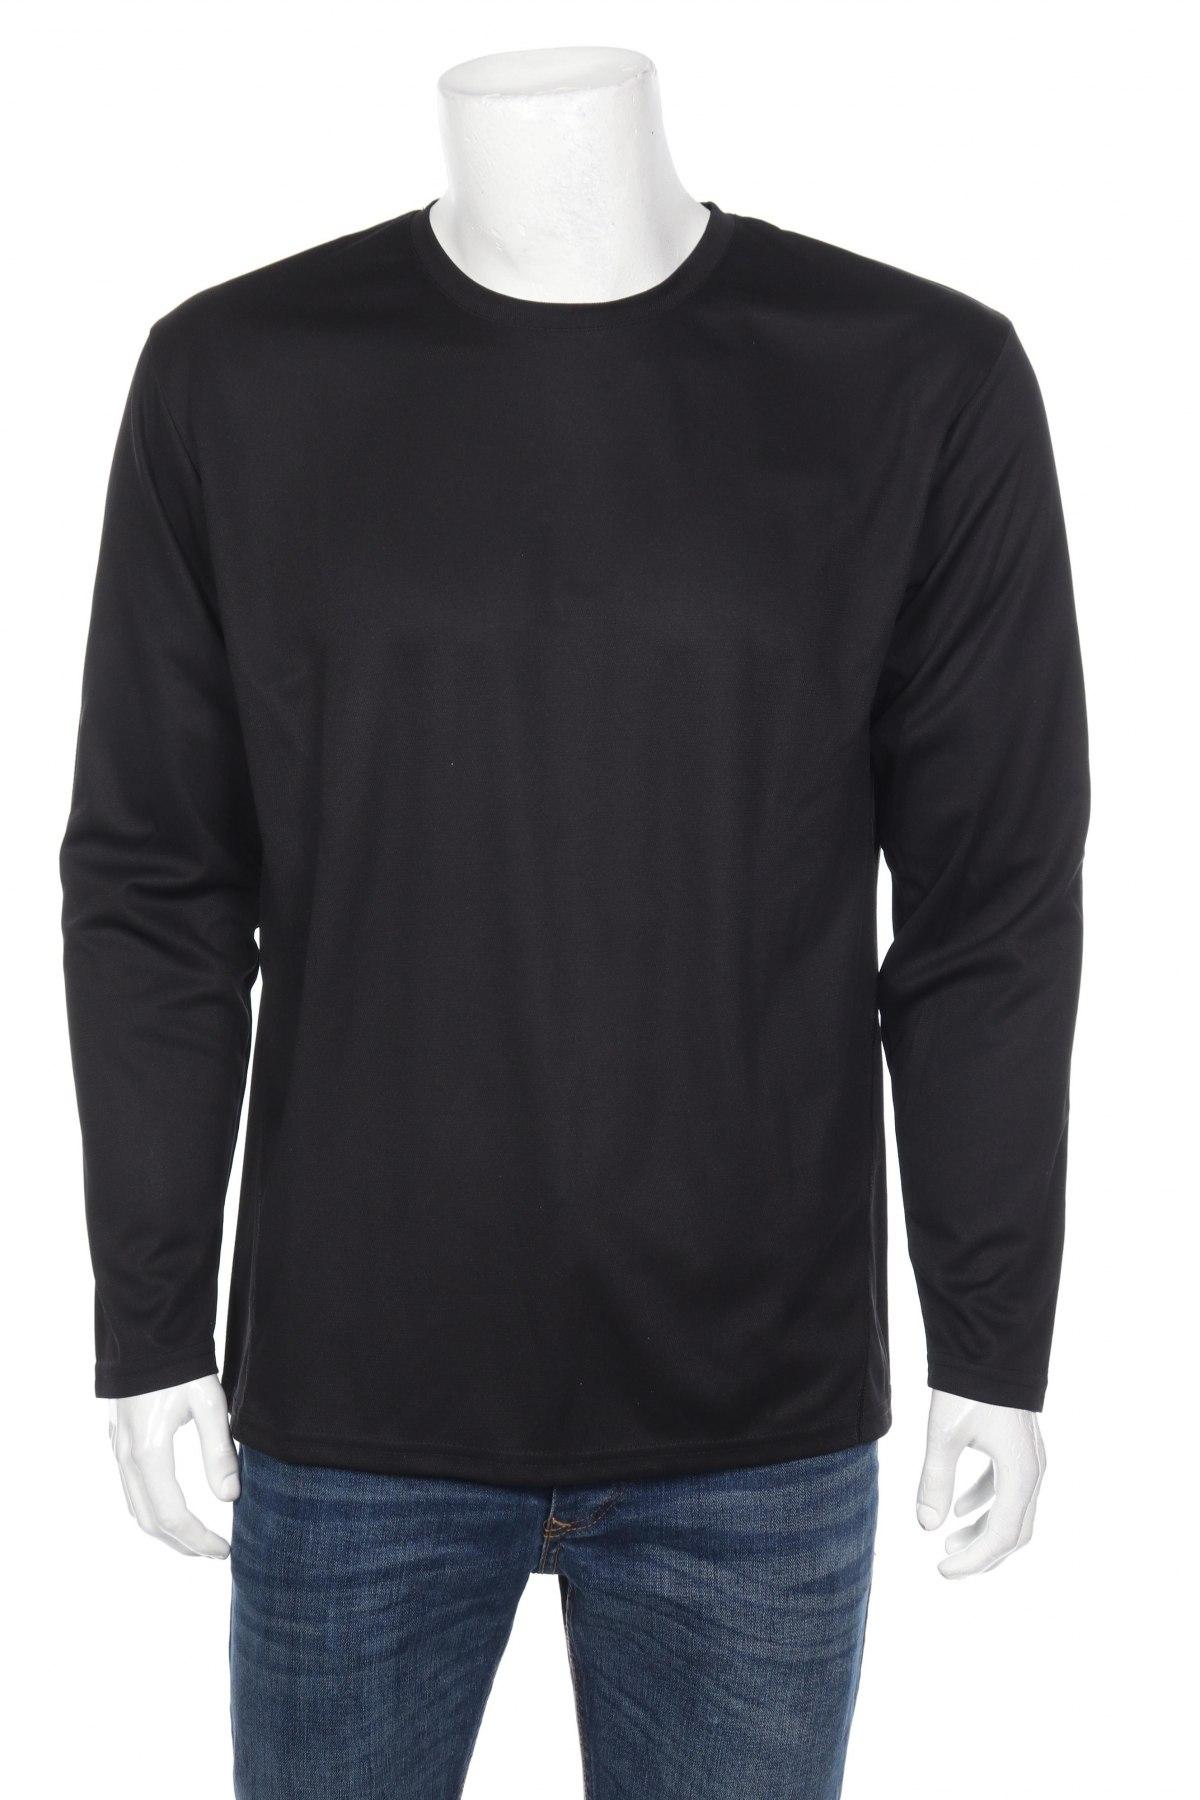 Мъжка спортна блуза Spiro, Размер XL, Цвят Черен, Полиестер, Цена 14,70лв.